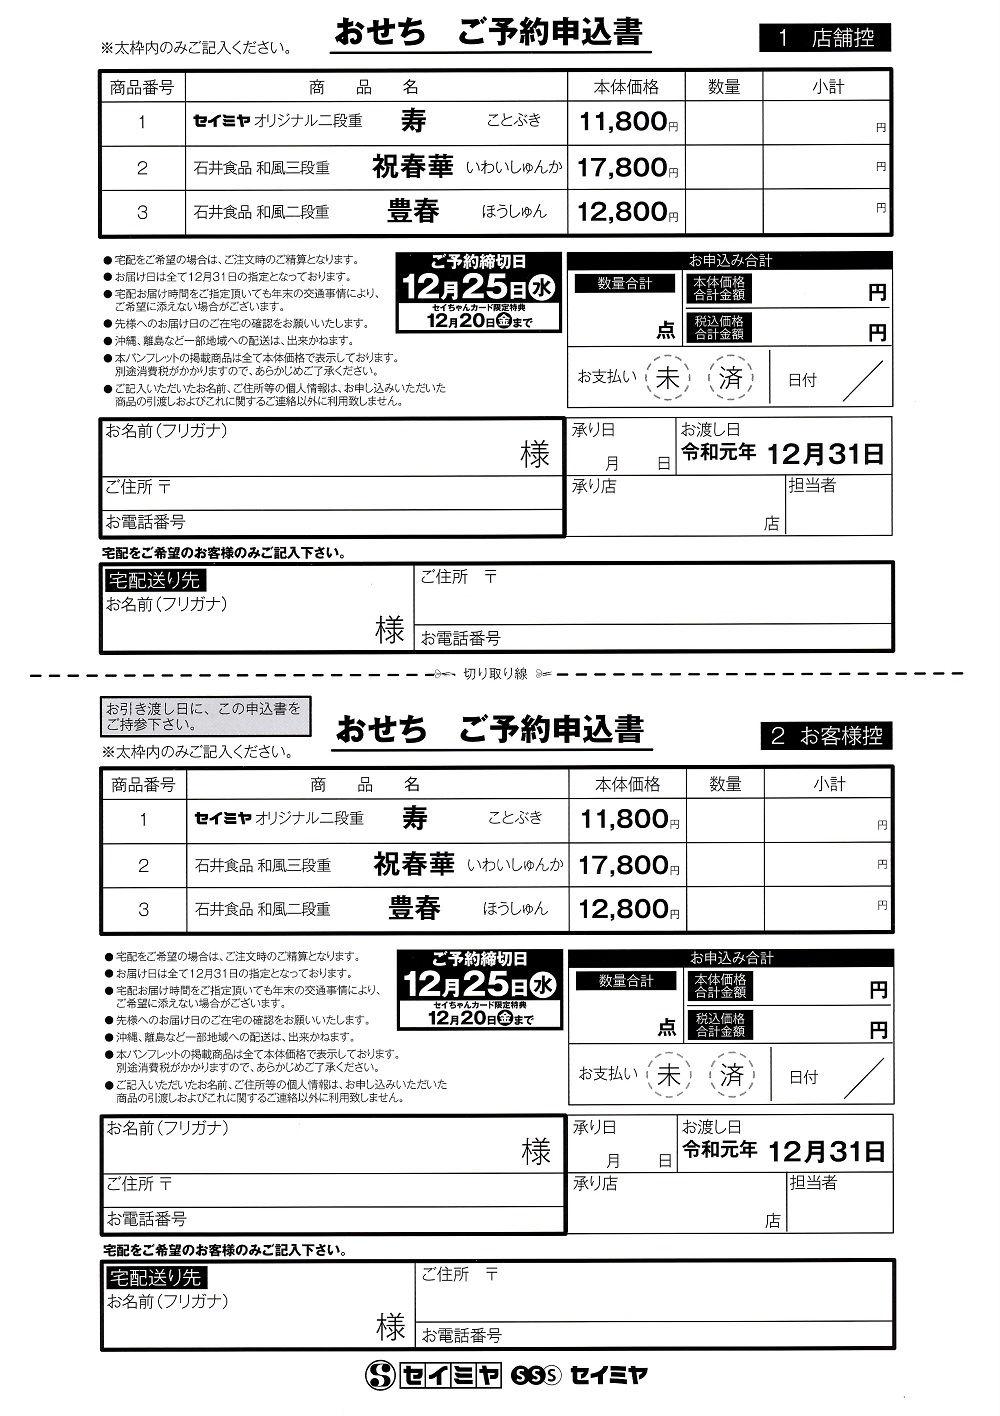 セイミヤ成田芝山店の『おせち』パンフレット(裏)